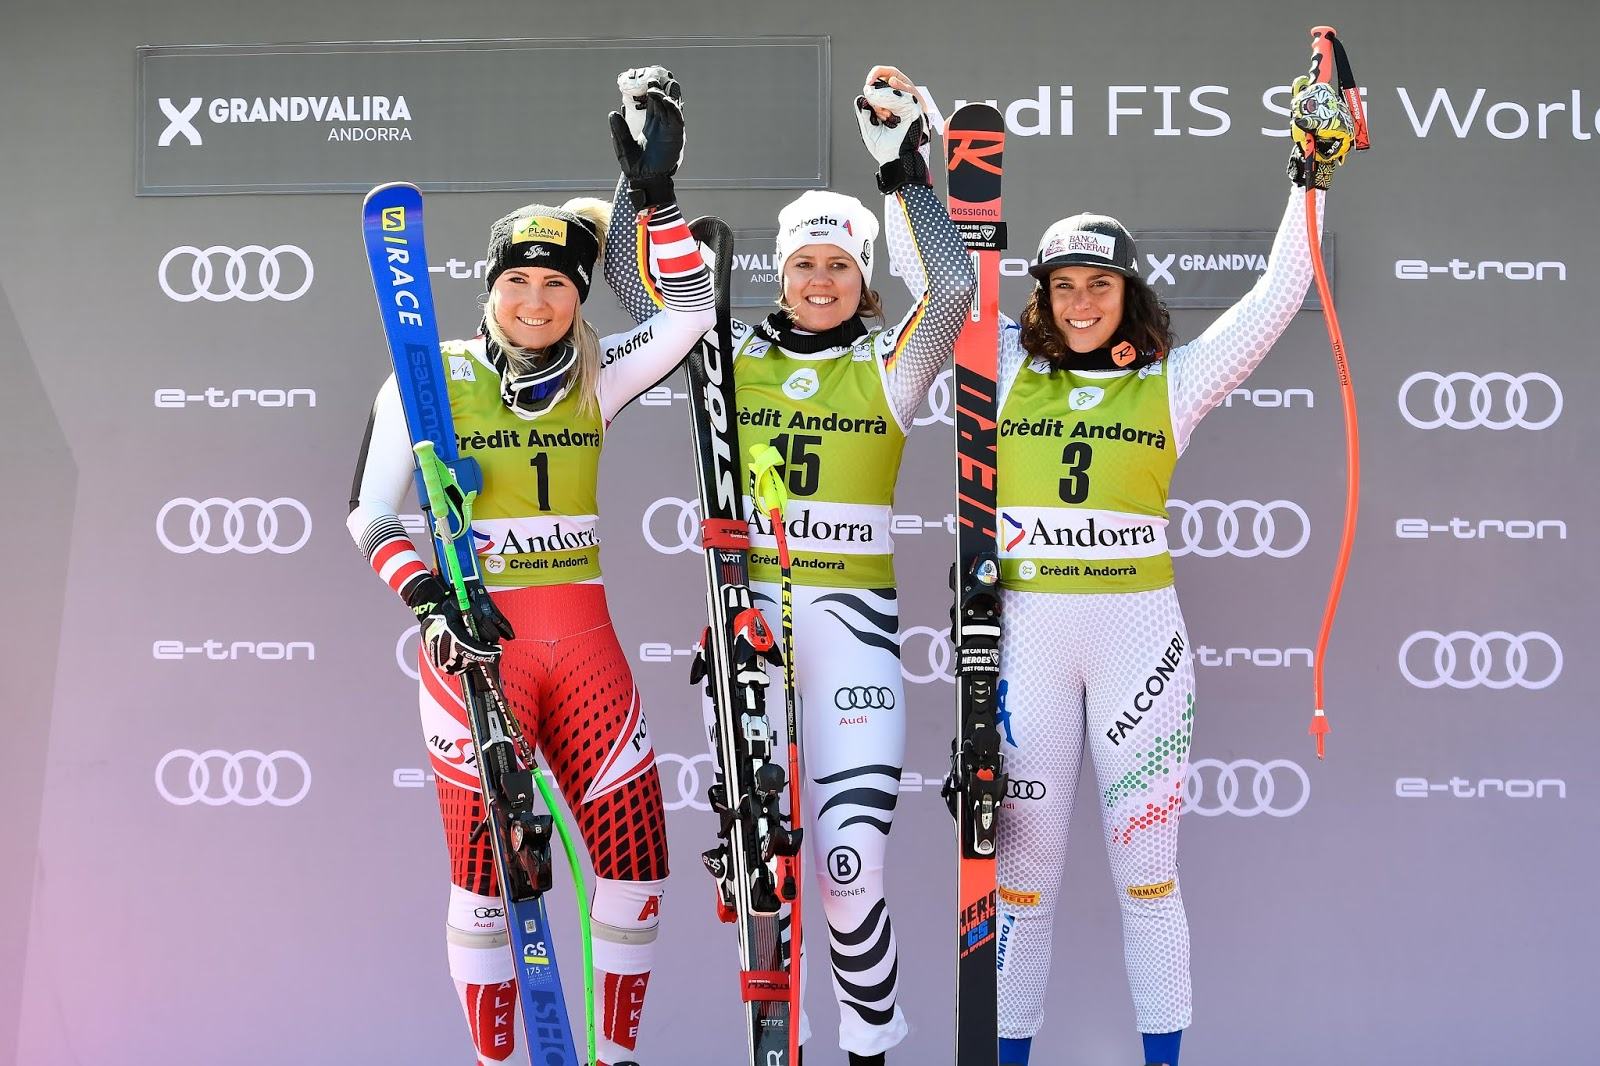 Ski Paradise Viktoria Rebensburg Wins Last Super G Of The Season Shiffrin Grabs The Crystal Globe